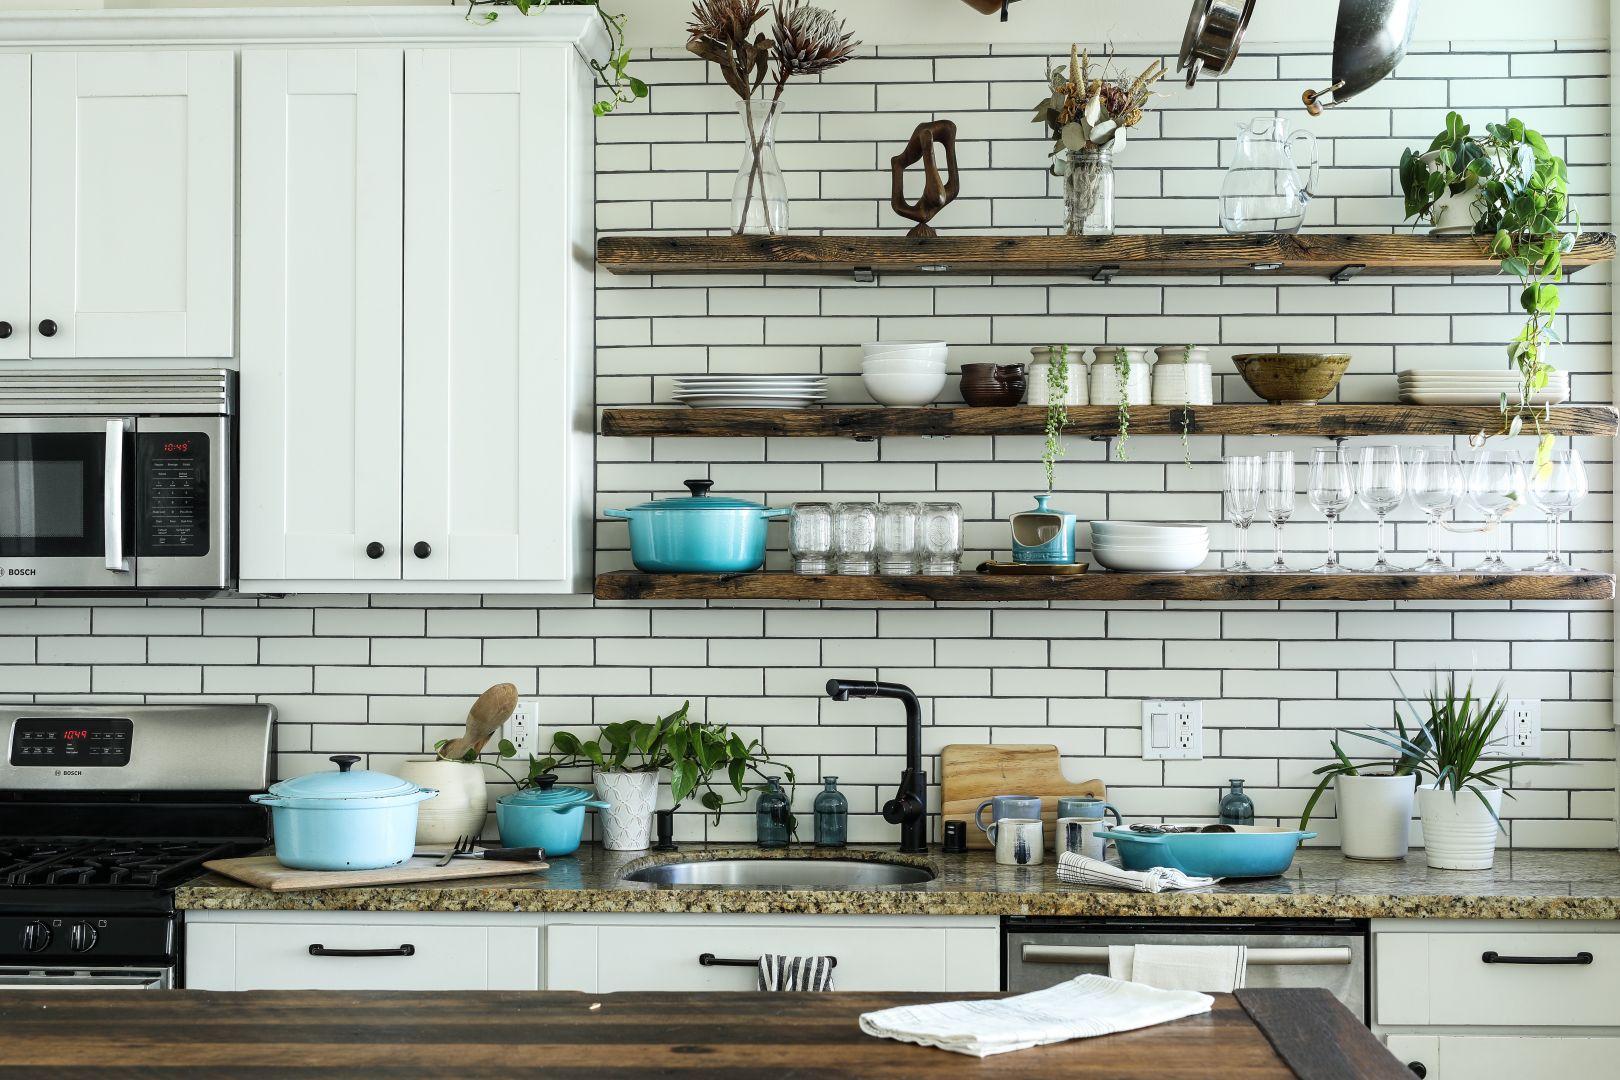 gạch ốp tường bếp - gạch ceramic tráng men